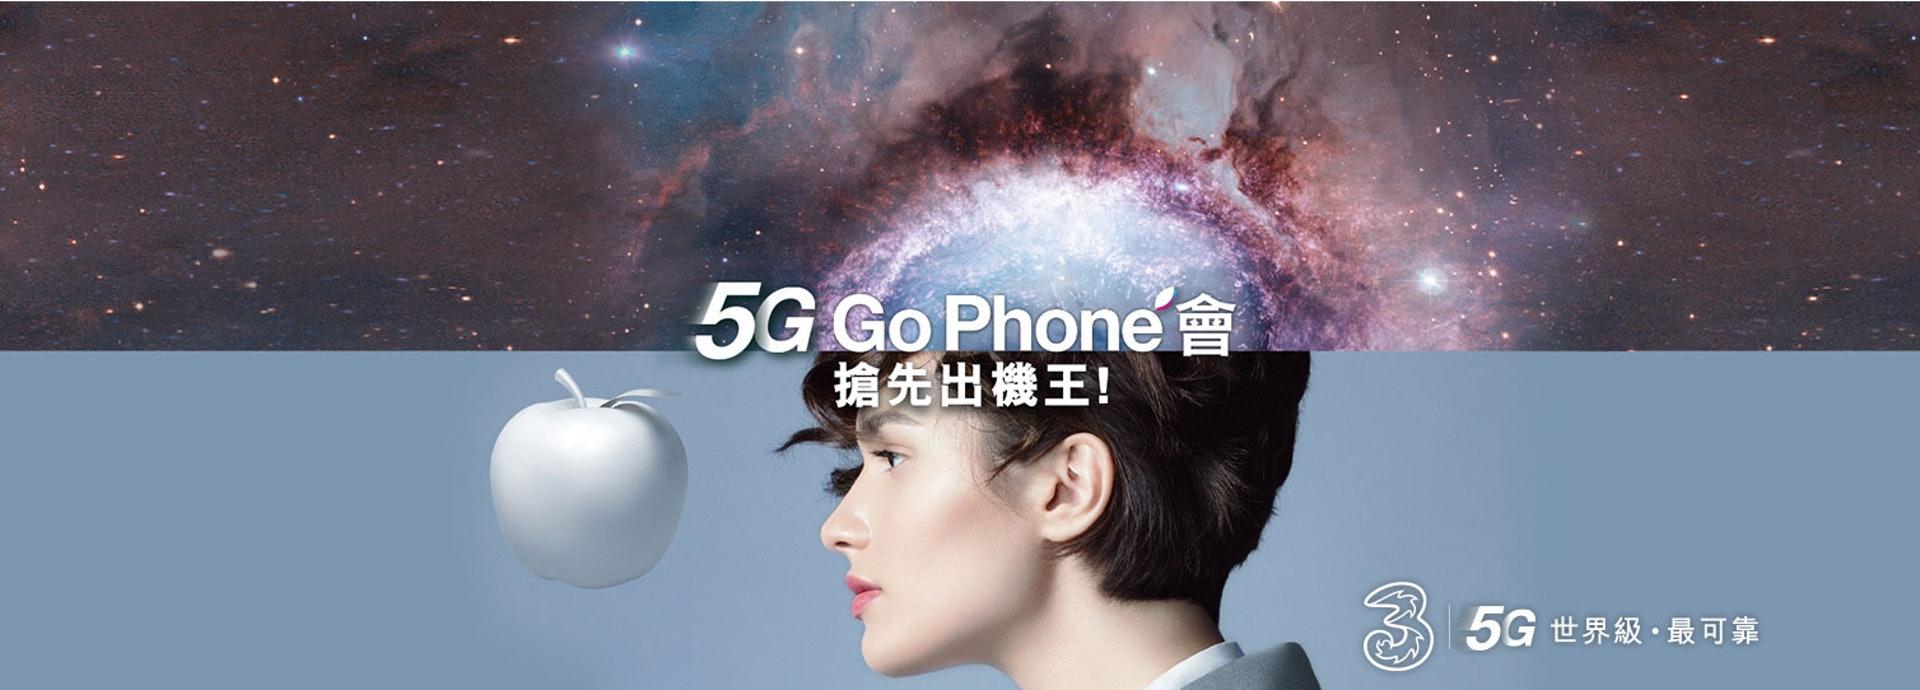 3 香港--5G GO Phone會(3 香港網站圖片)